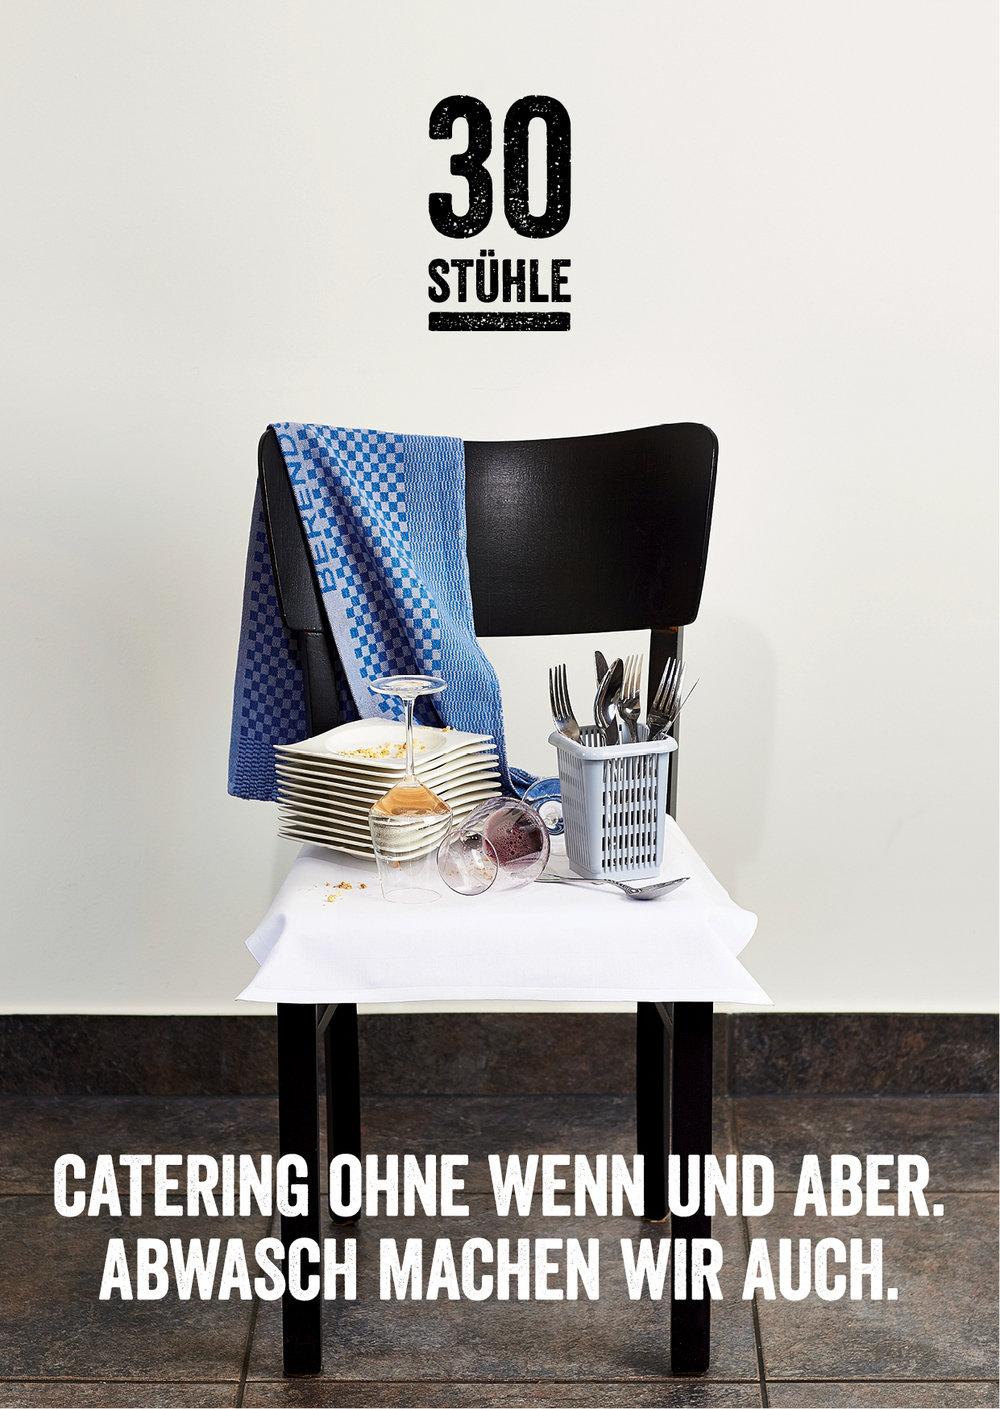 restaurant_30_stuehle_catering.jpg